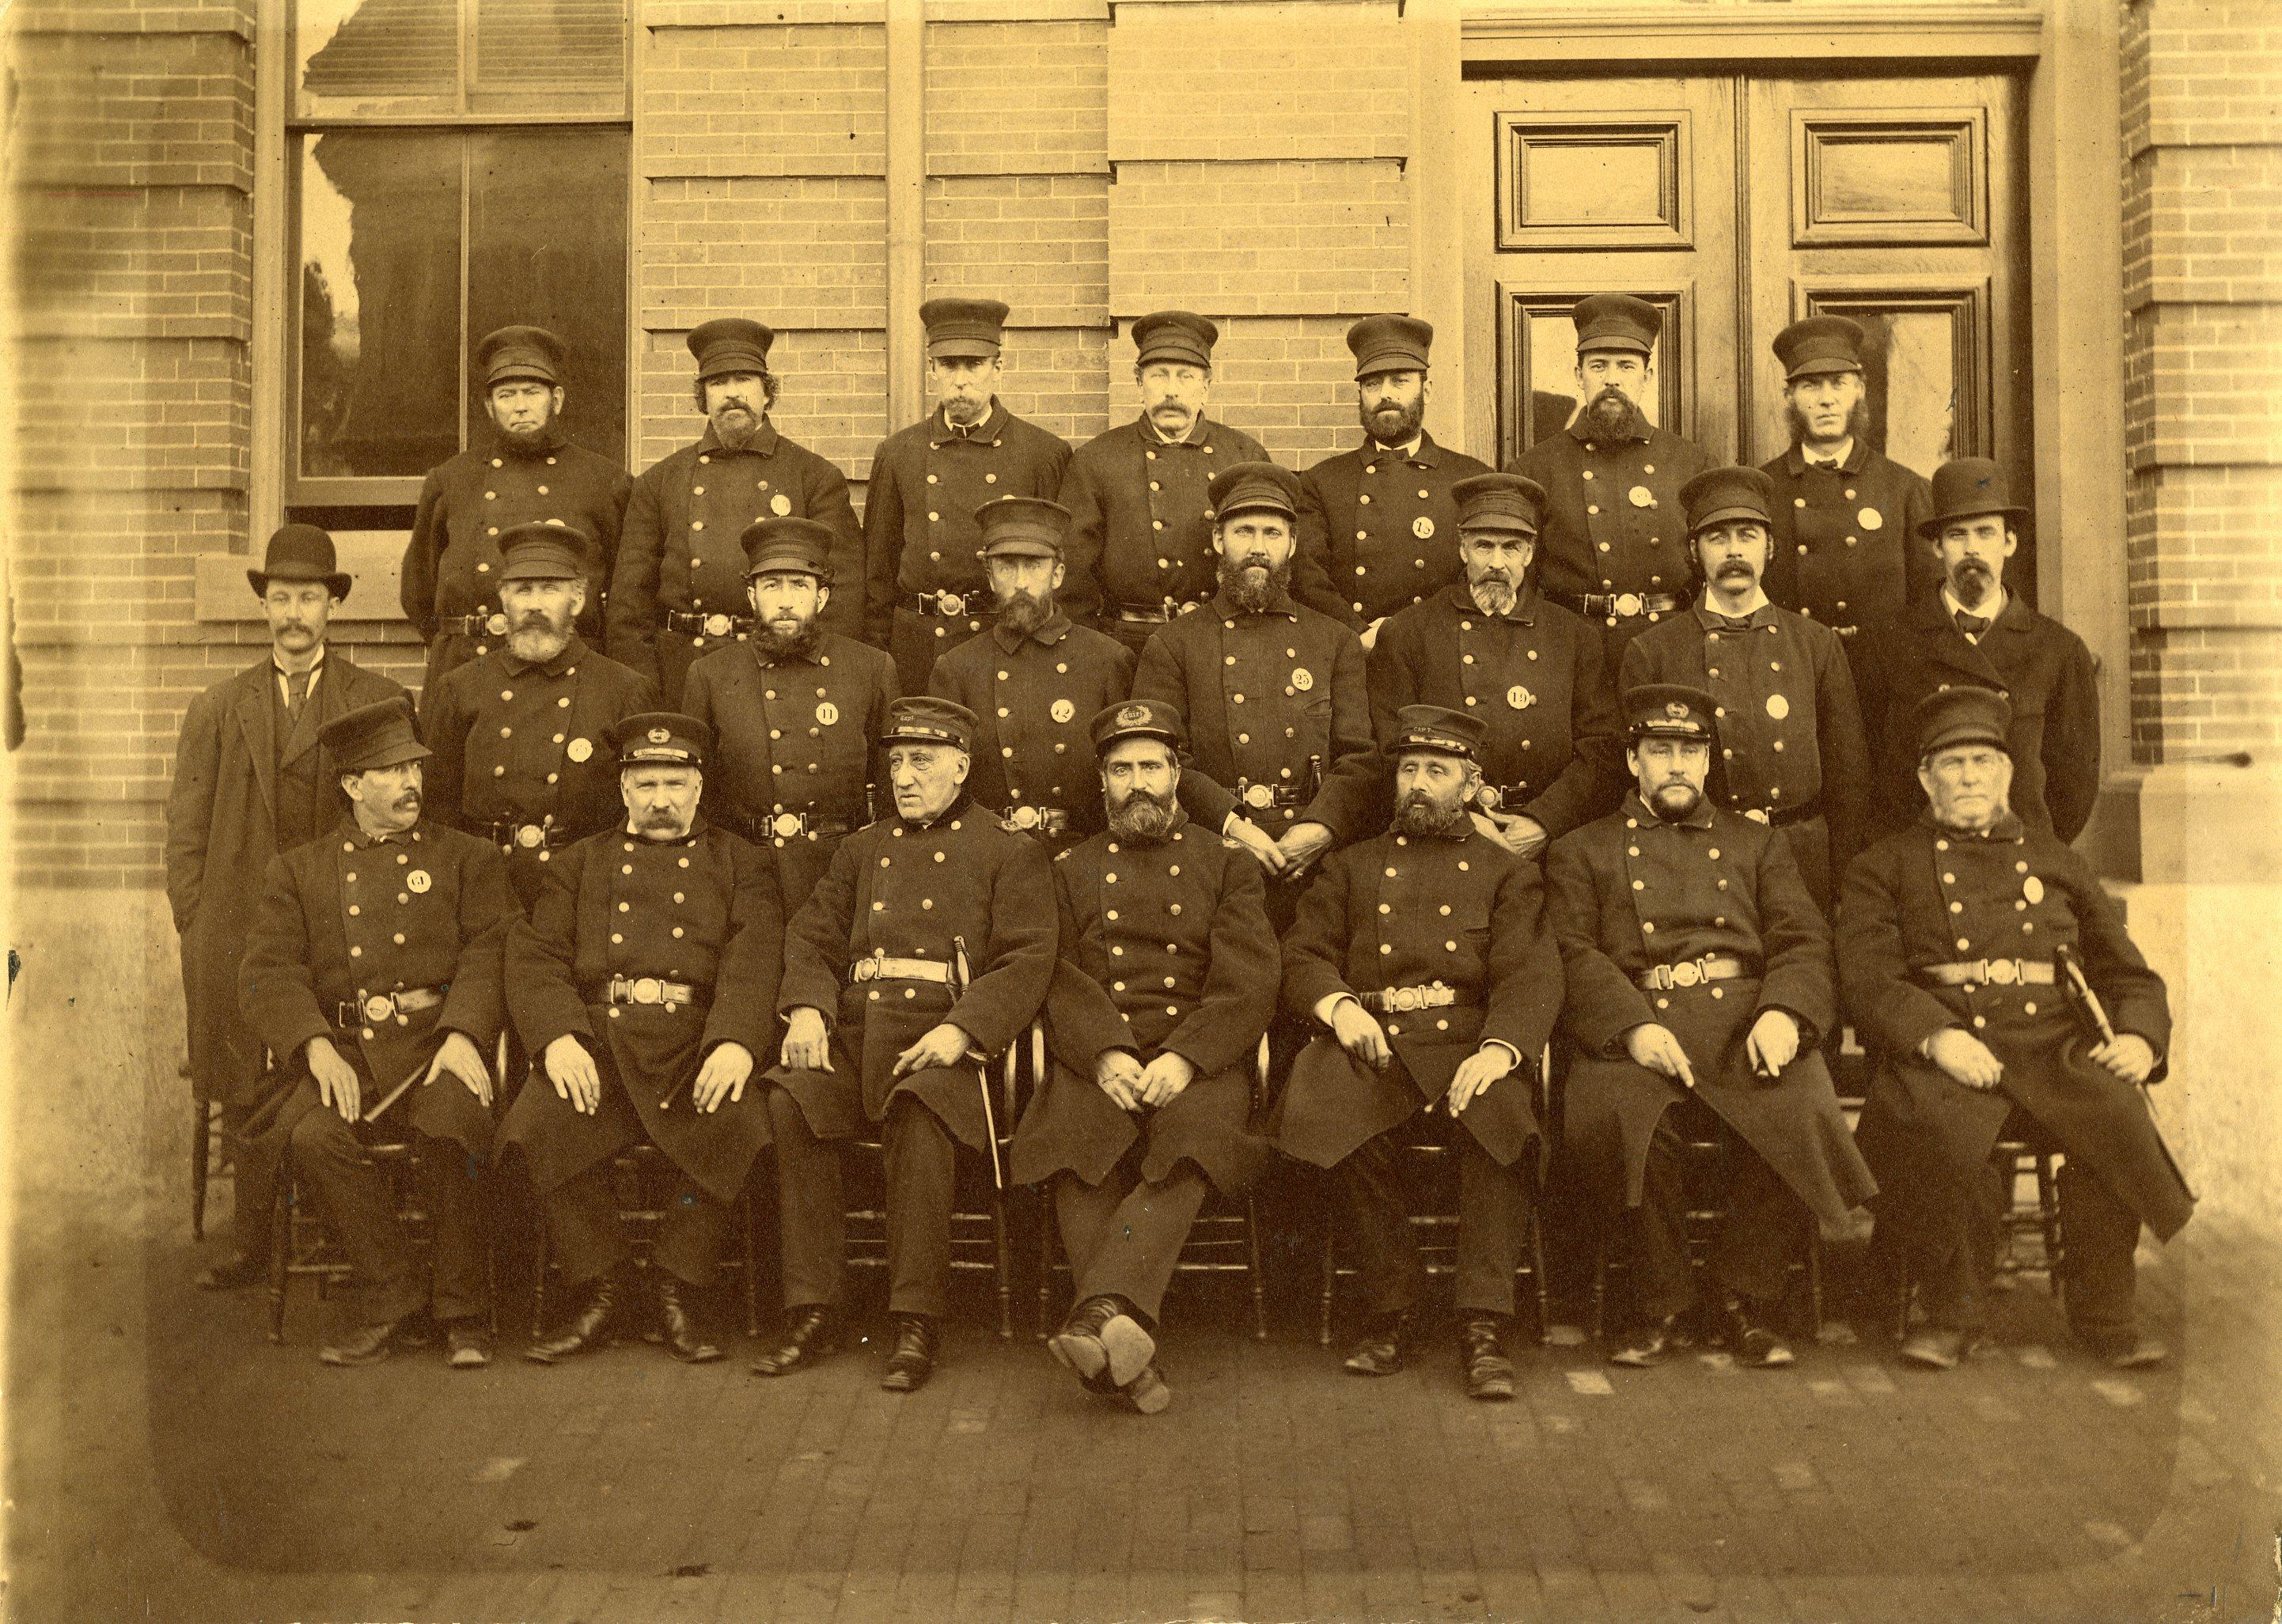 Cambridge Police Department, circa 1890